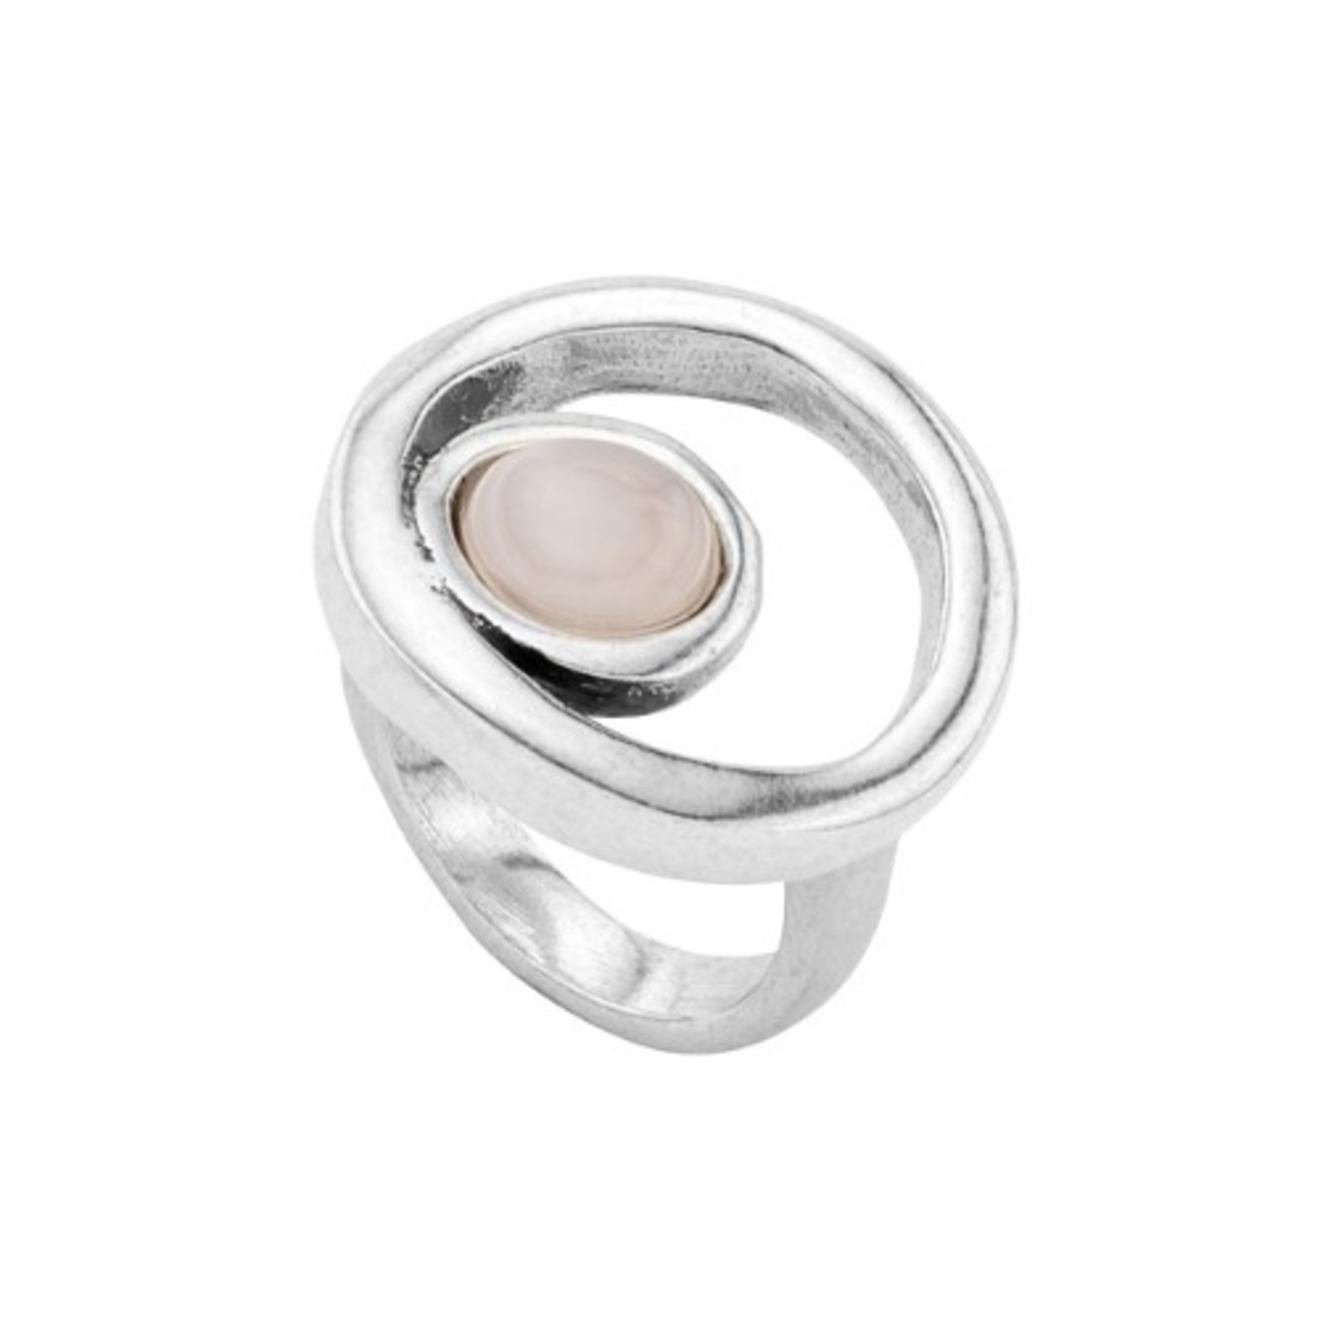 Unode50 Серебристое кольцо «Make a wish» с розовым кристаллом, из коллекции My luck